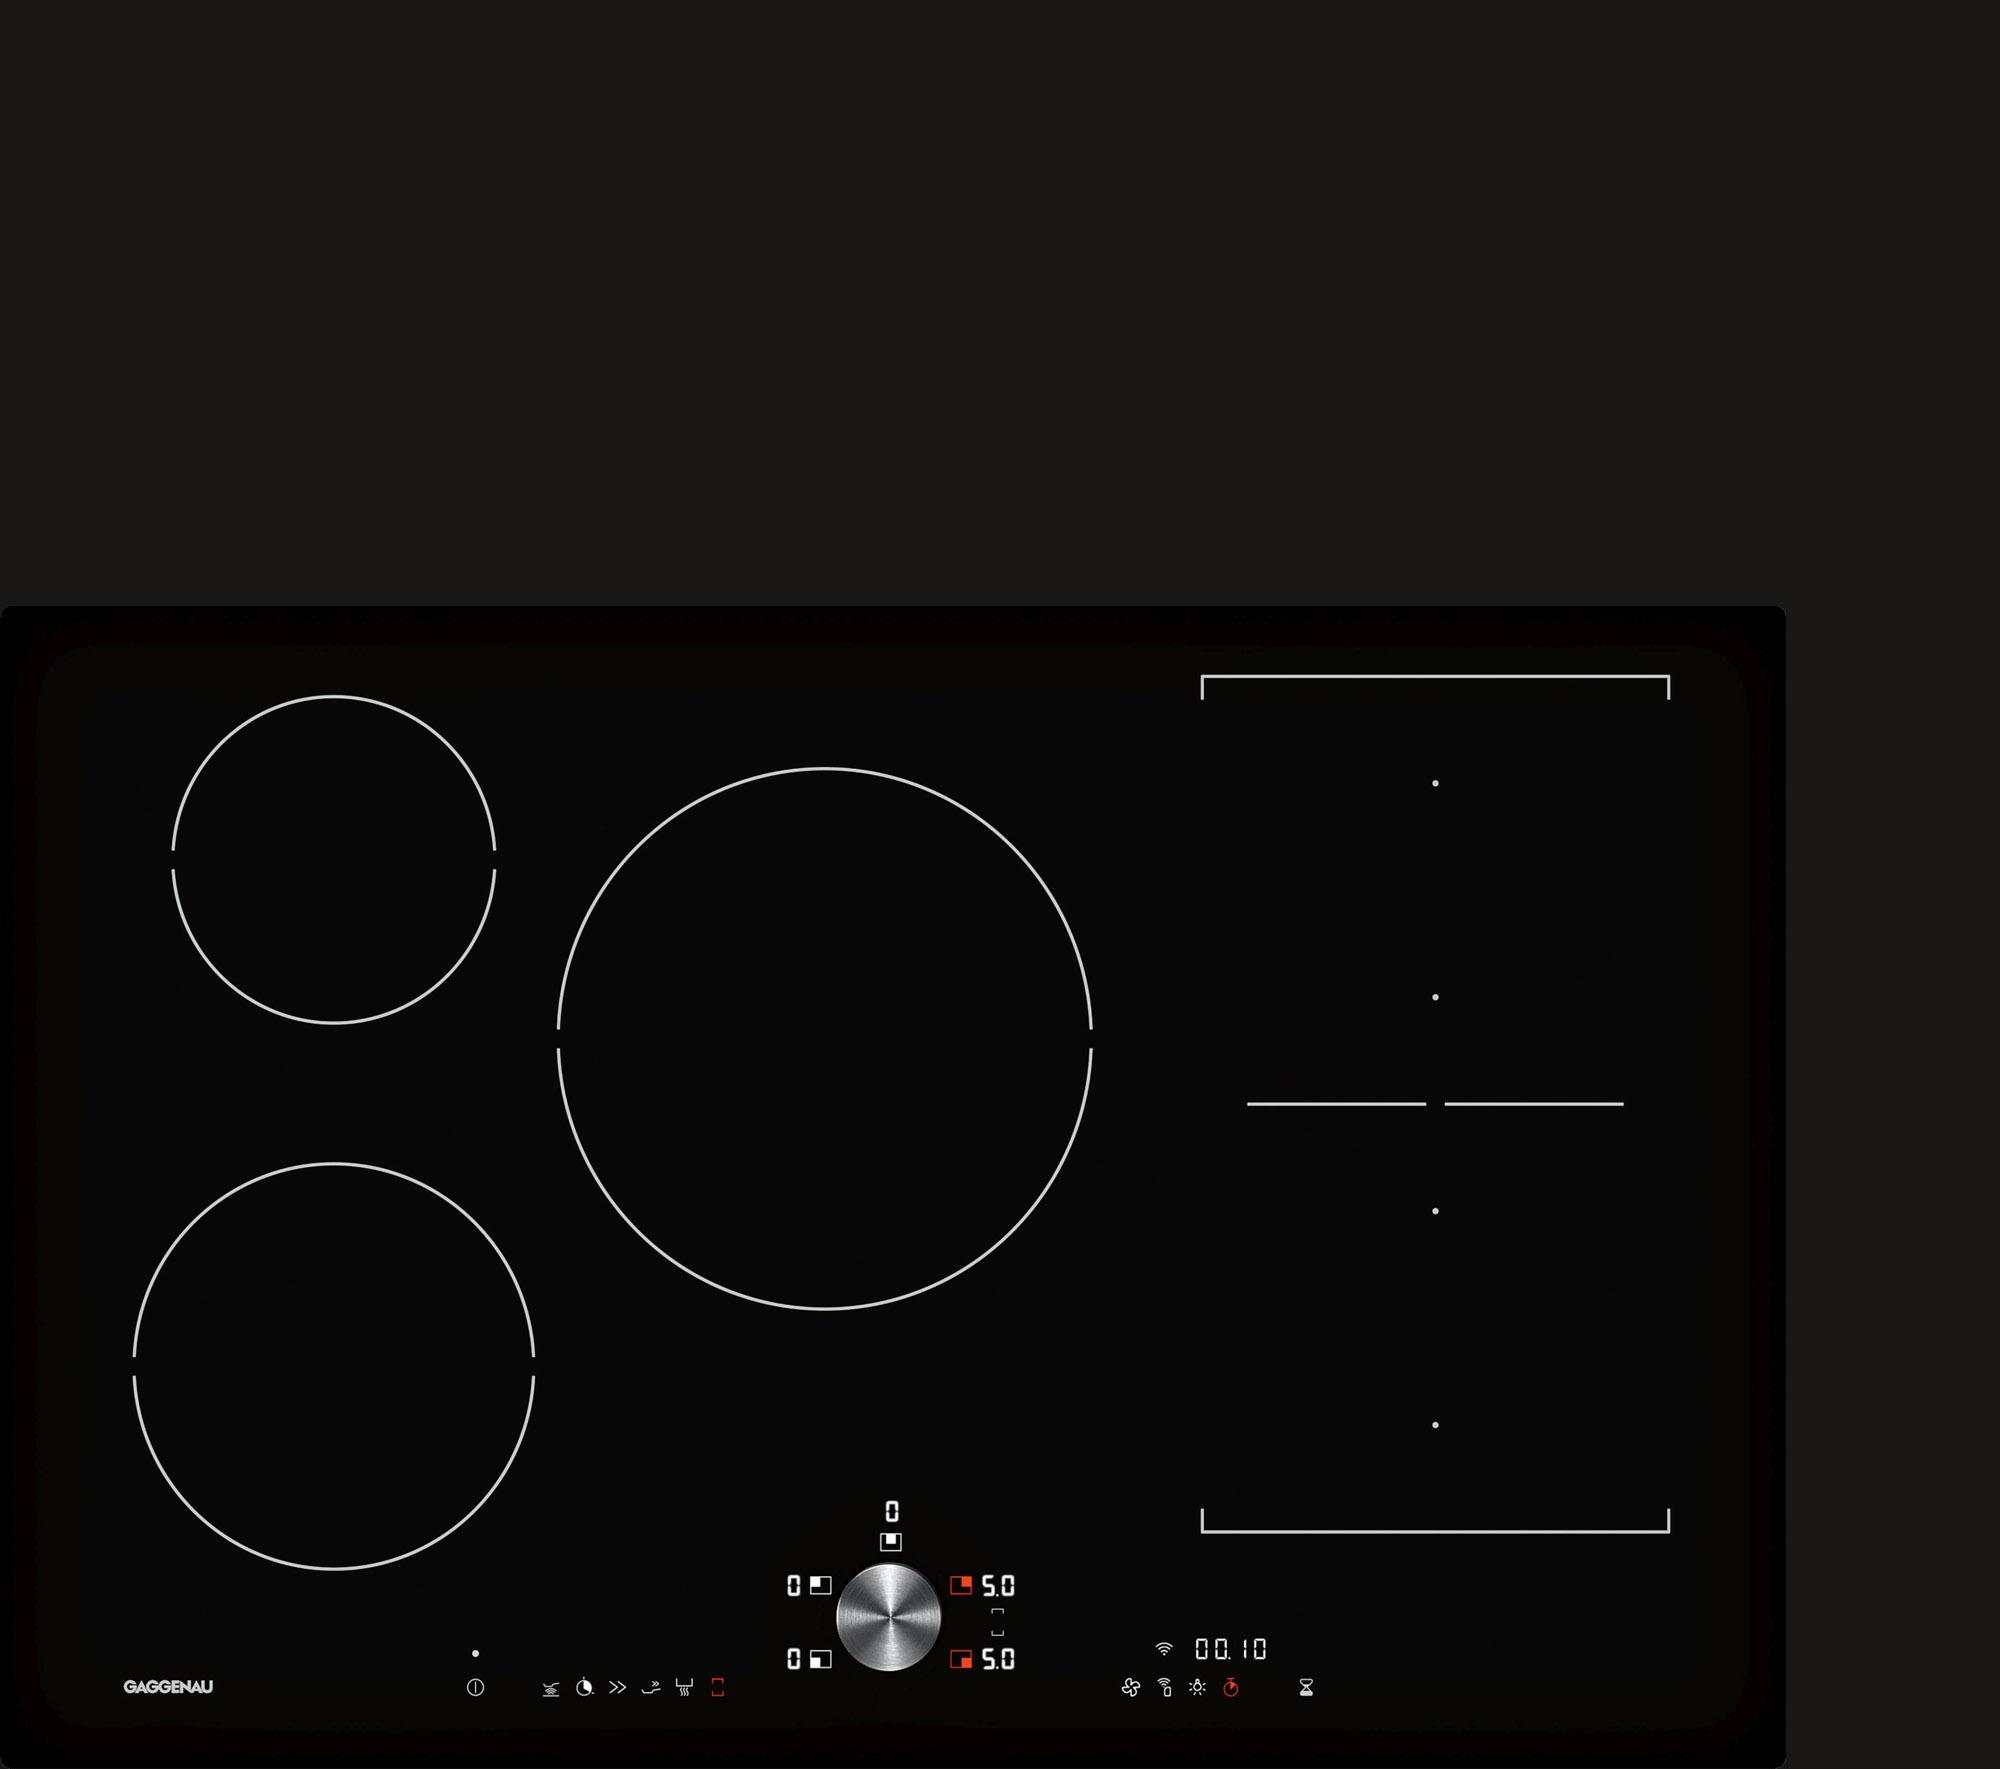 Індукційна варильна поверхня серії 200 CI283101 GAGGENAU